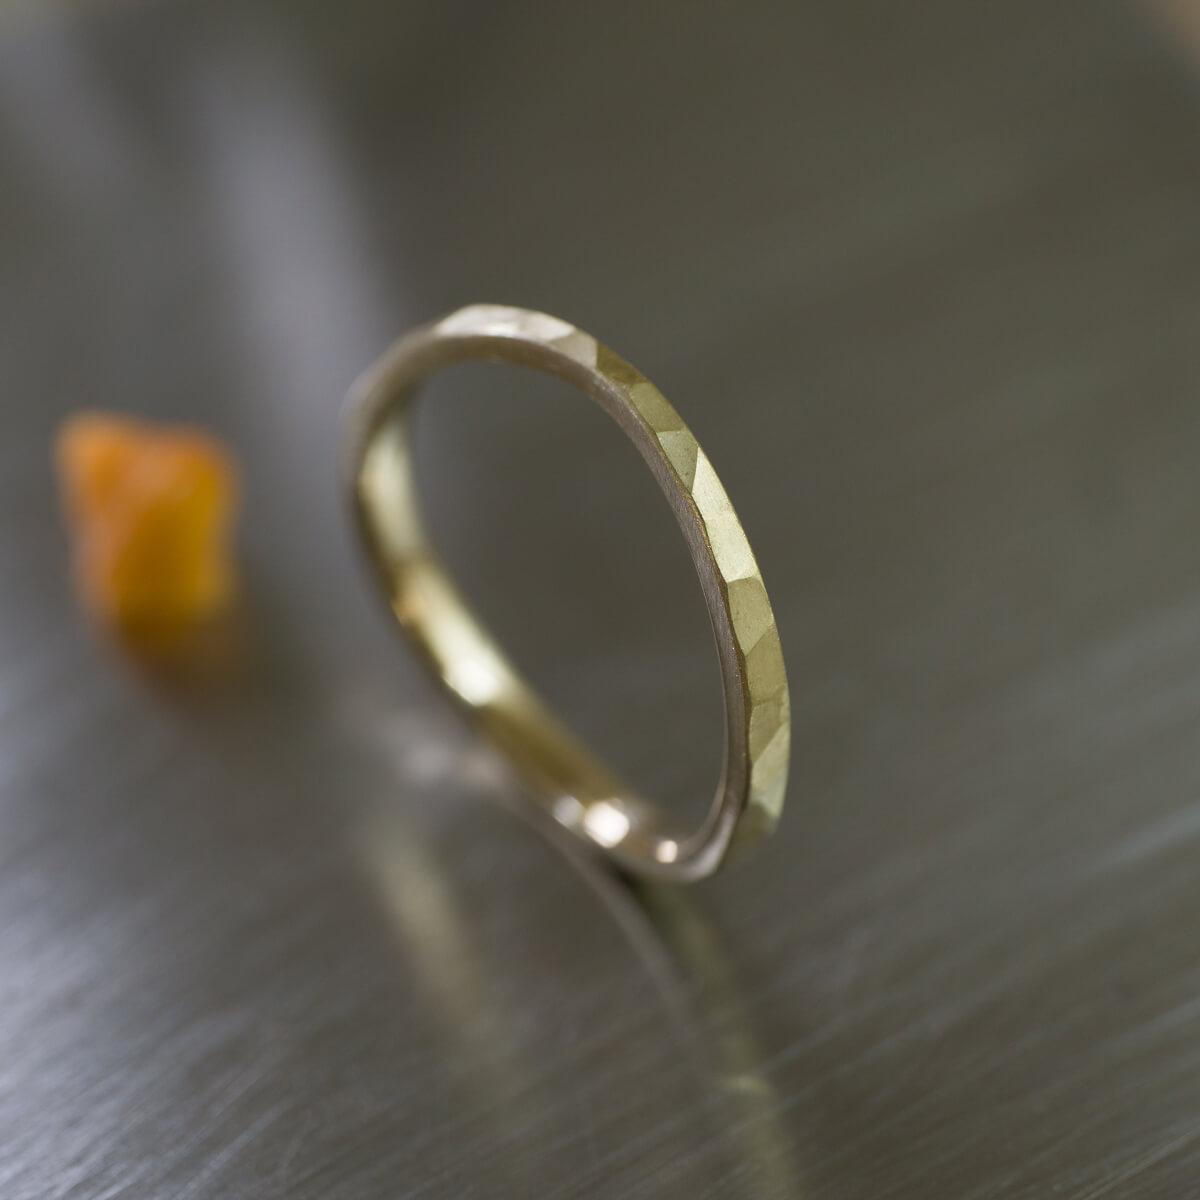 角度2 オーダーメイドマリッジリング ジュエリーのアトリエ シャンパンゴールド 屋久島でつくる結婚指輪